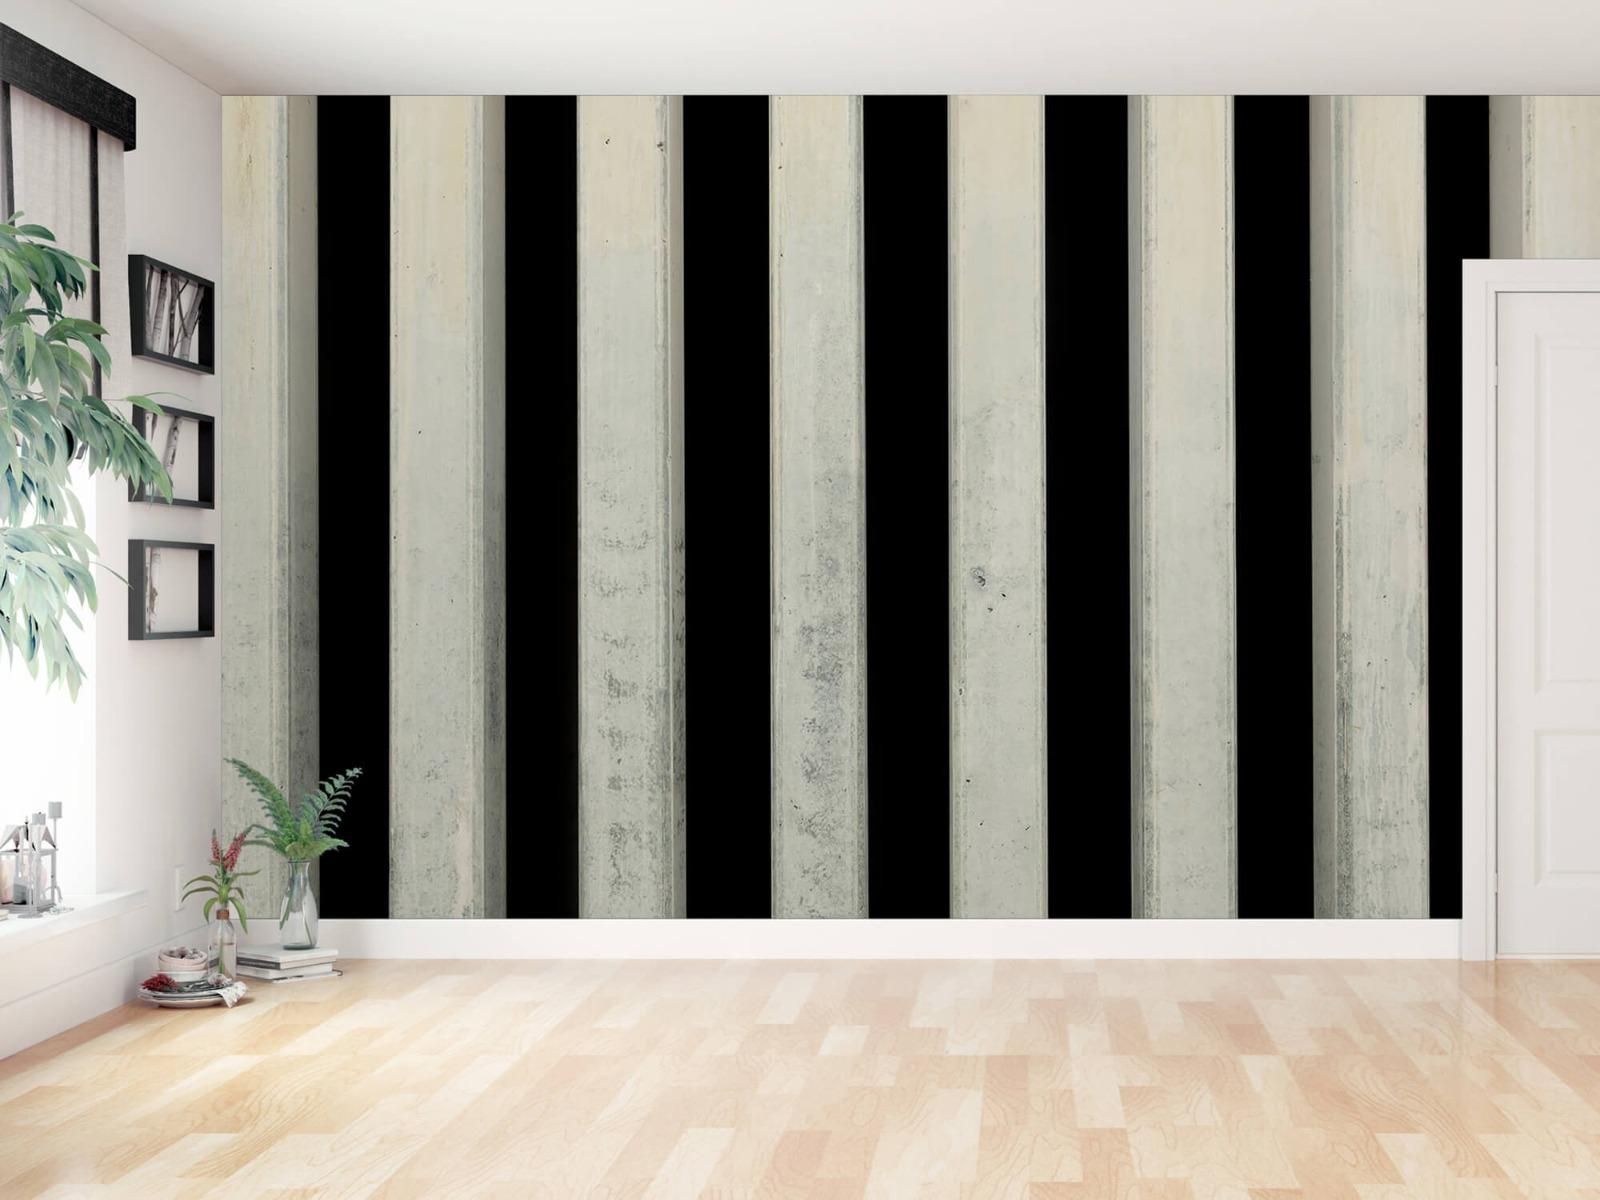 Elementen - Betonnen pilaren - Wallexclusive - Ontvangstruimte 11